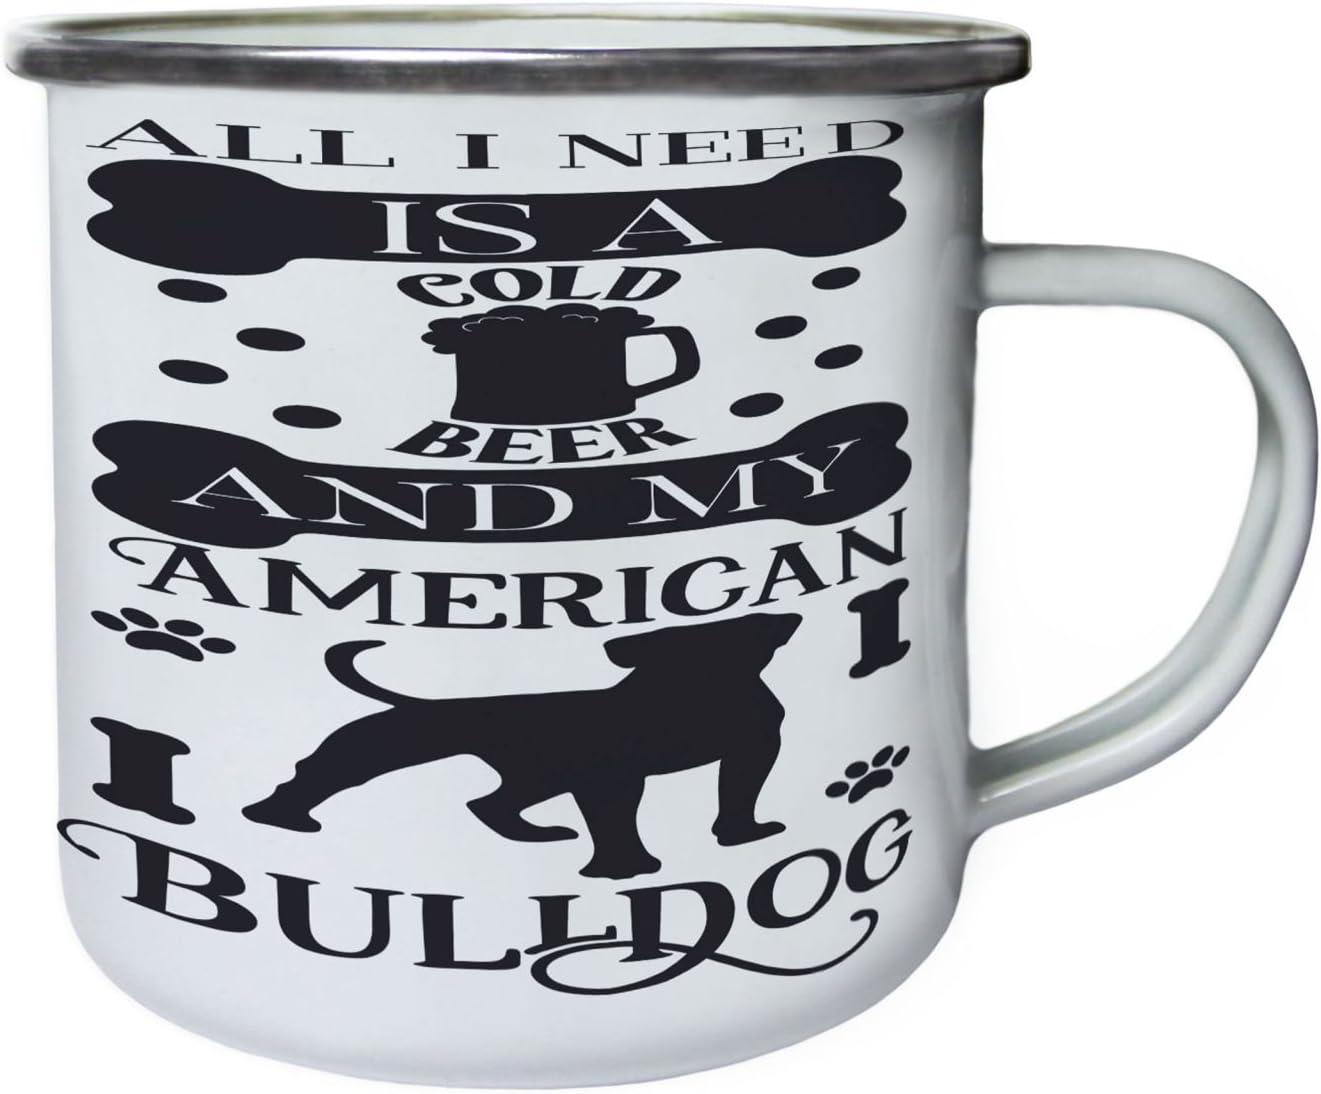 Todo lo que necesito es una cerveza fría y mi bulldog americano Retro, lata, taza del esmalte 10oz/280ml bb191e